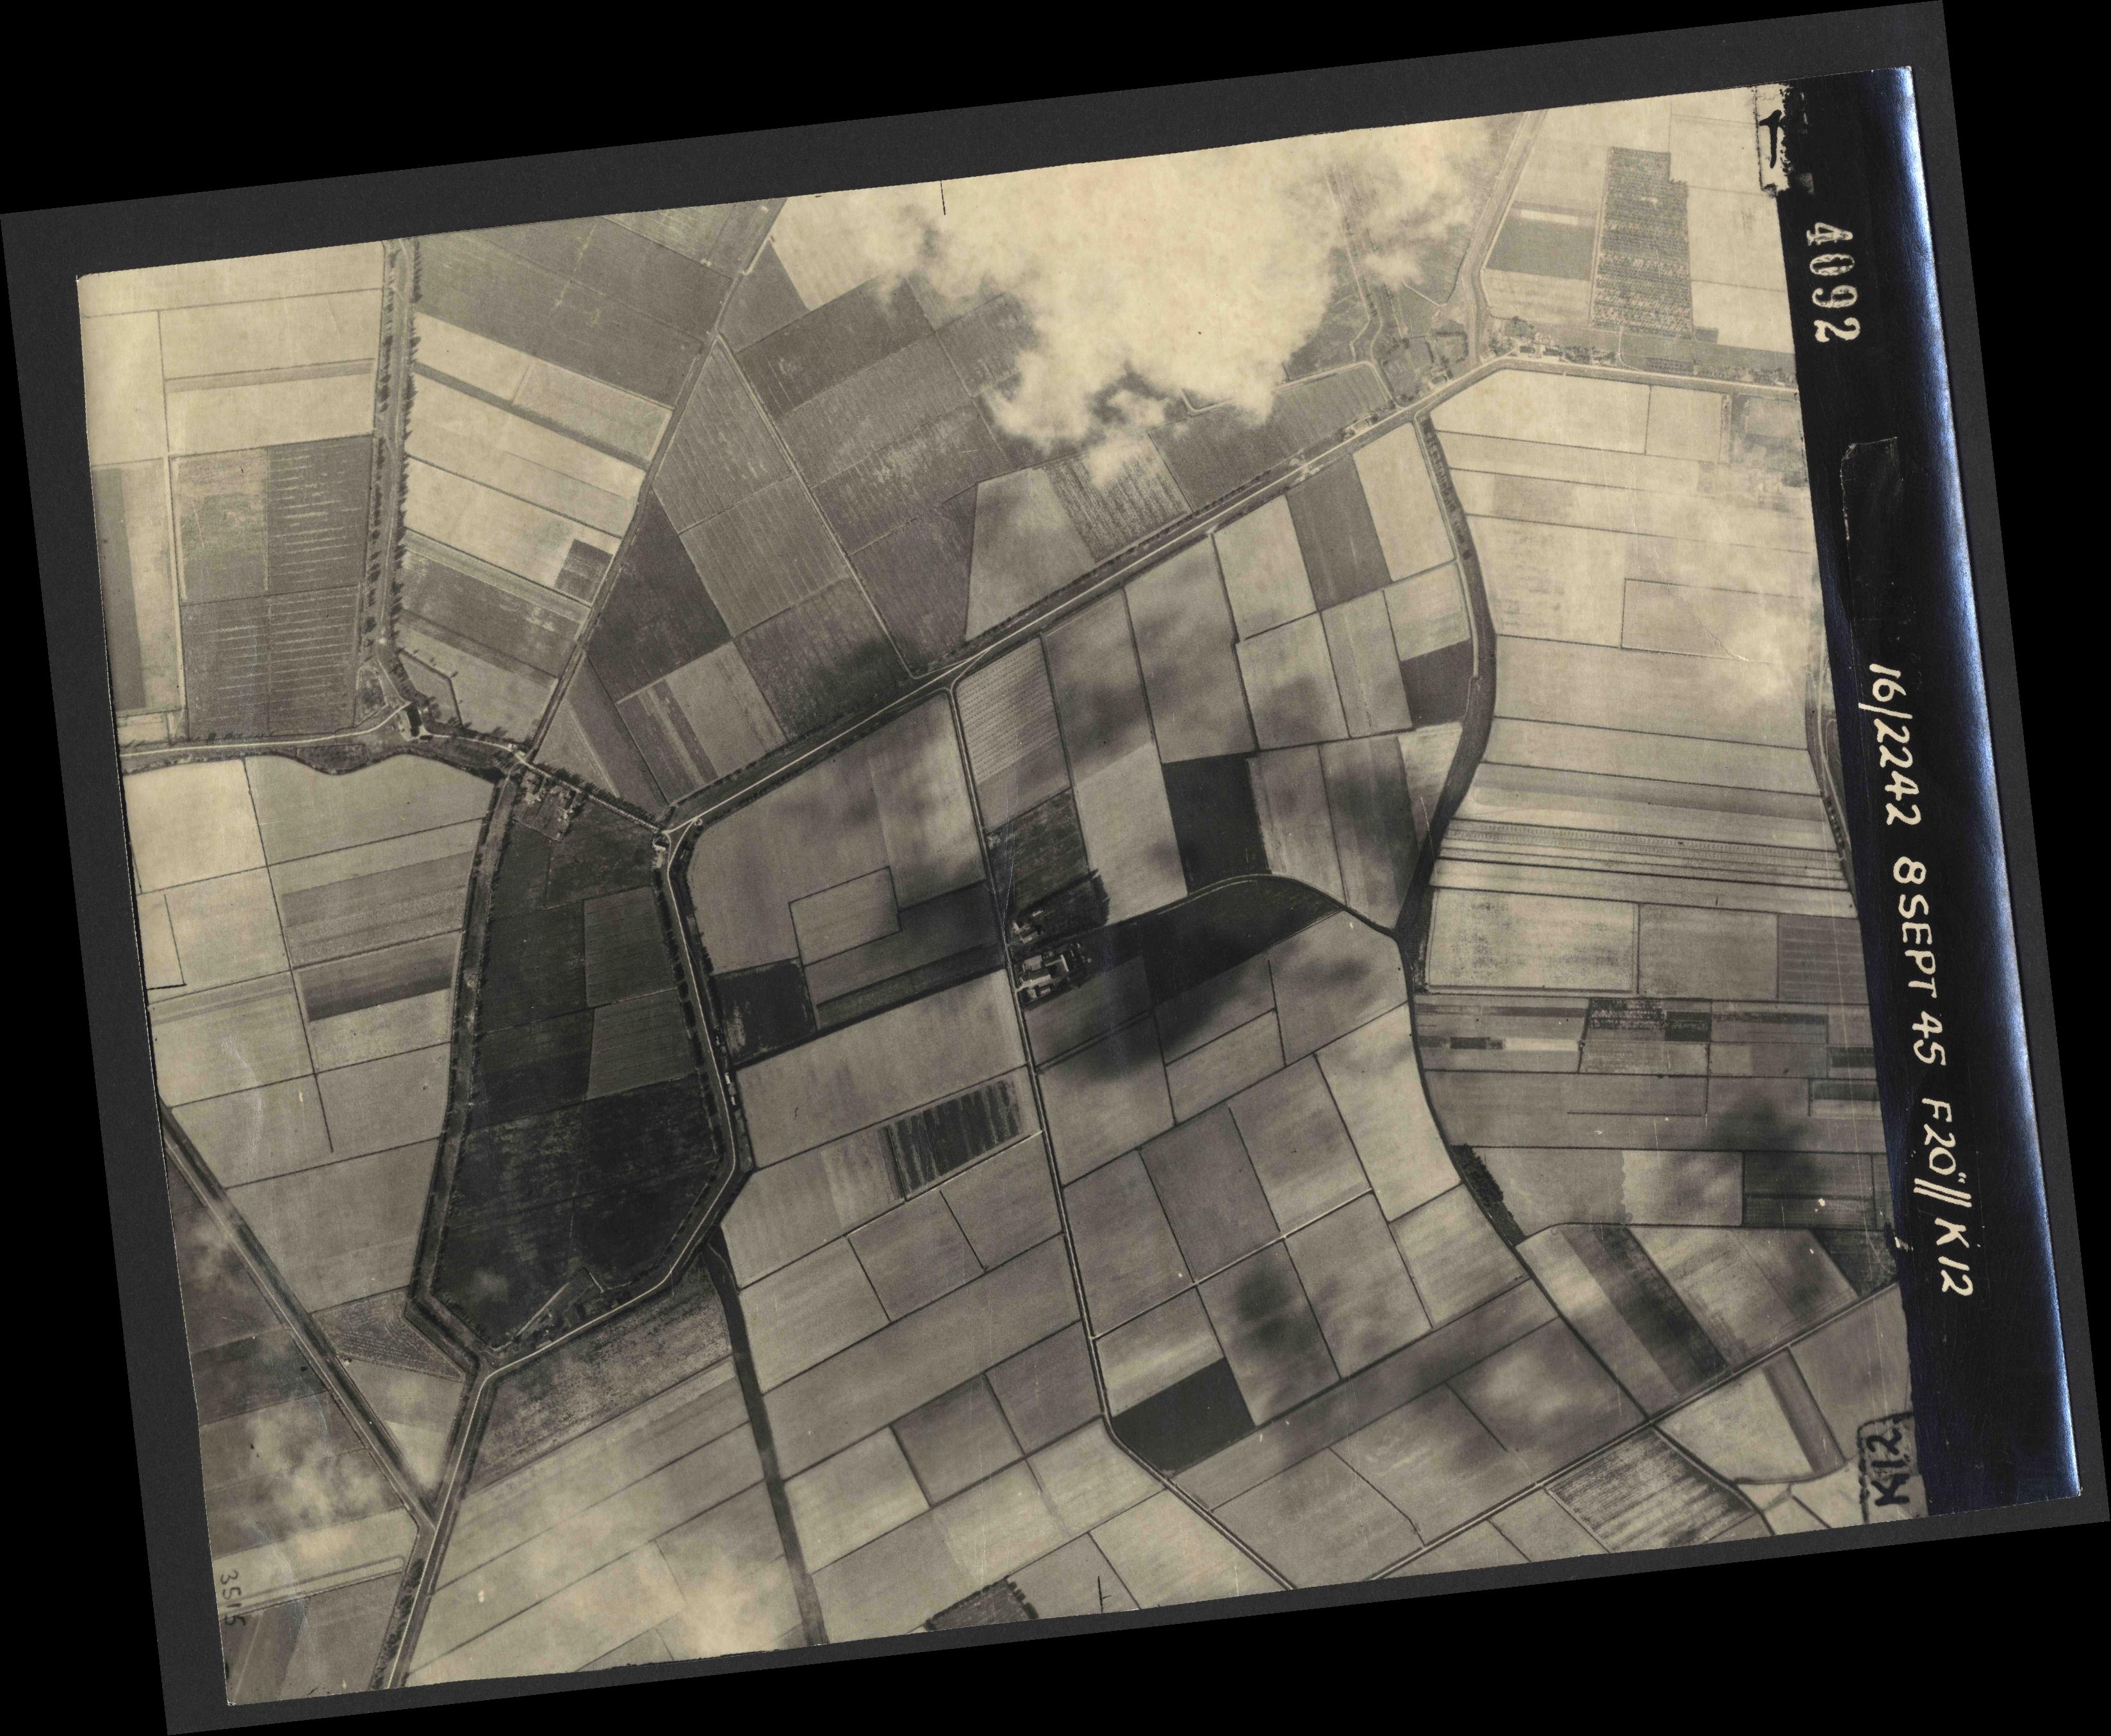 Collection RAF aerial photos 1940-1945 - flight 036, run 13, photo 4092